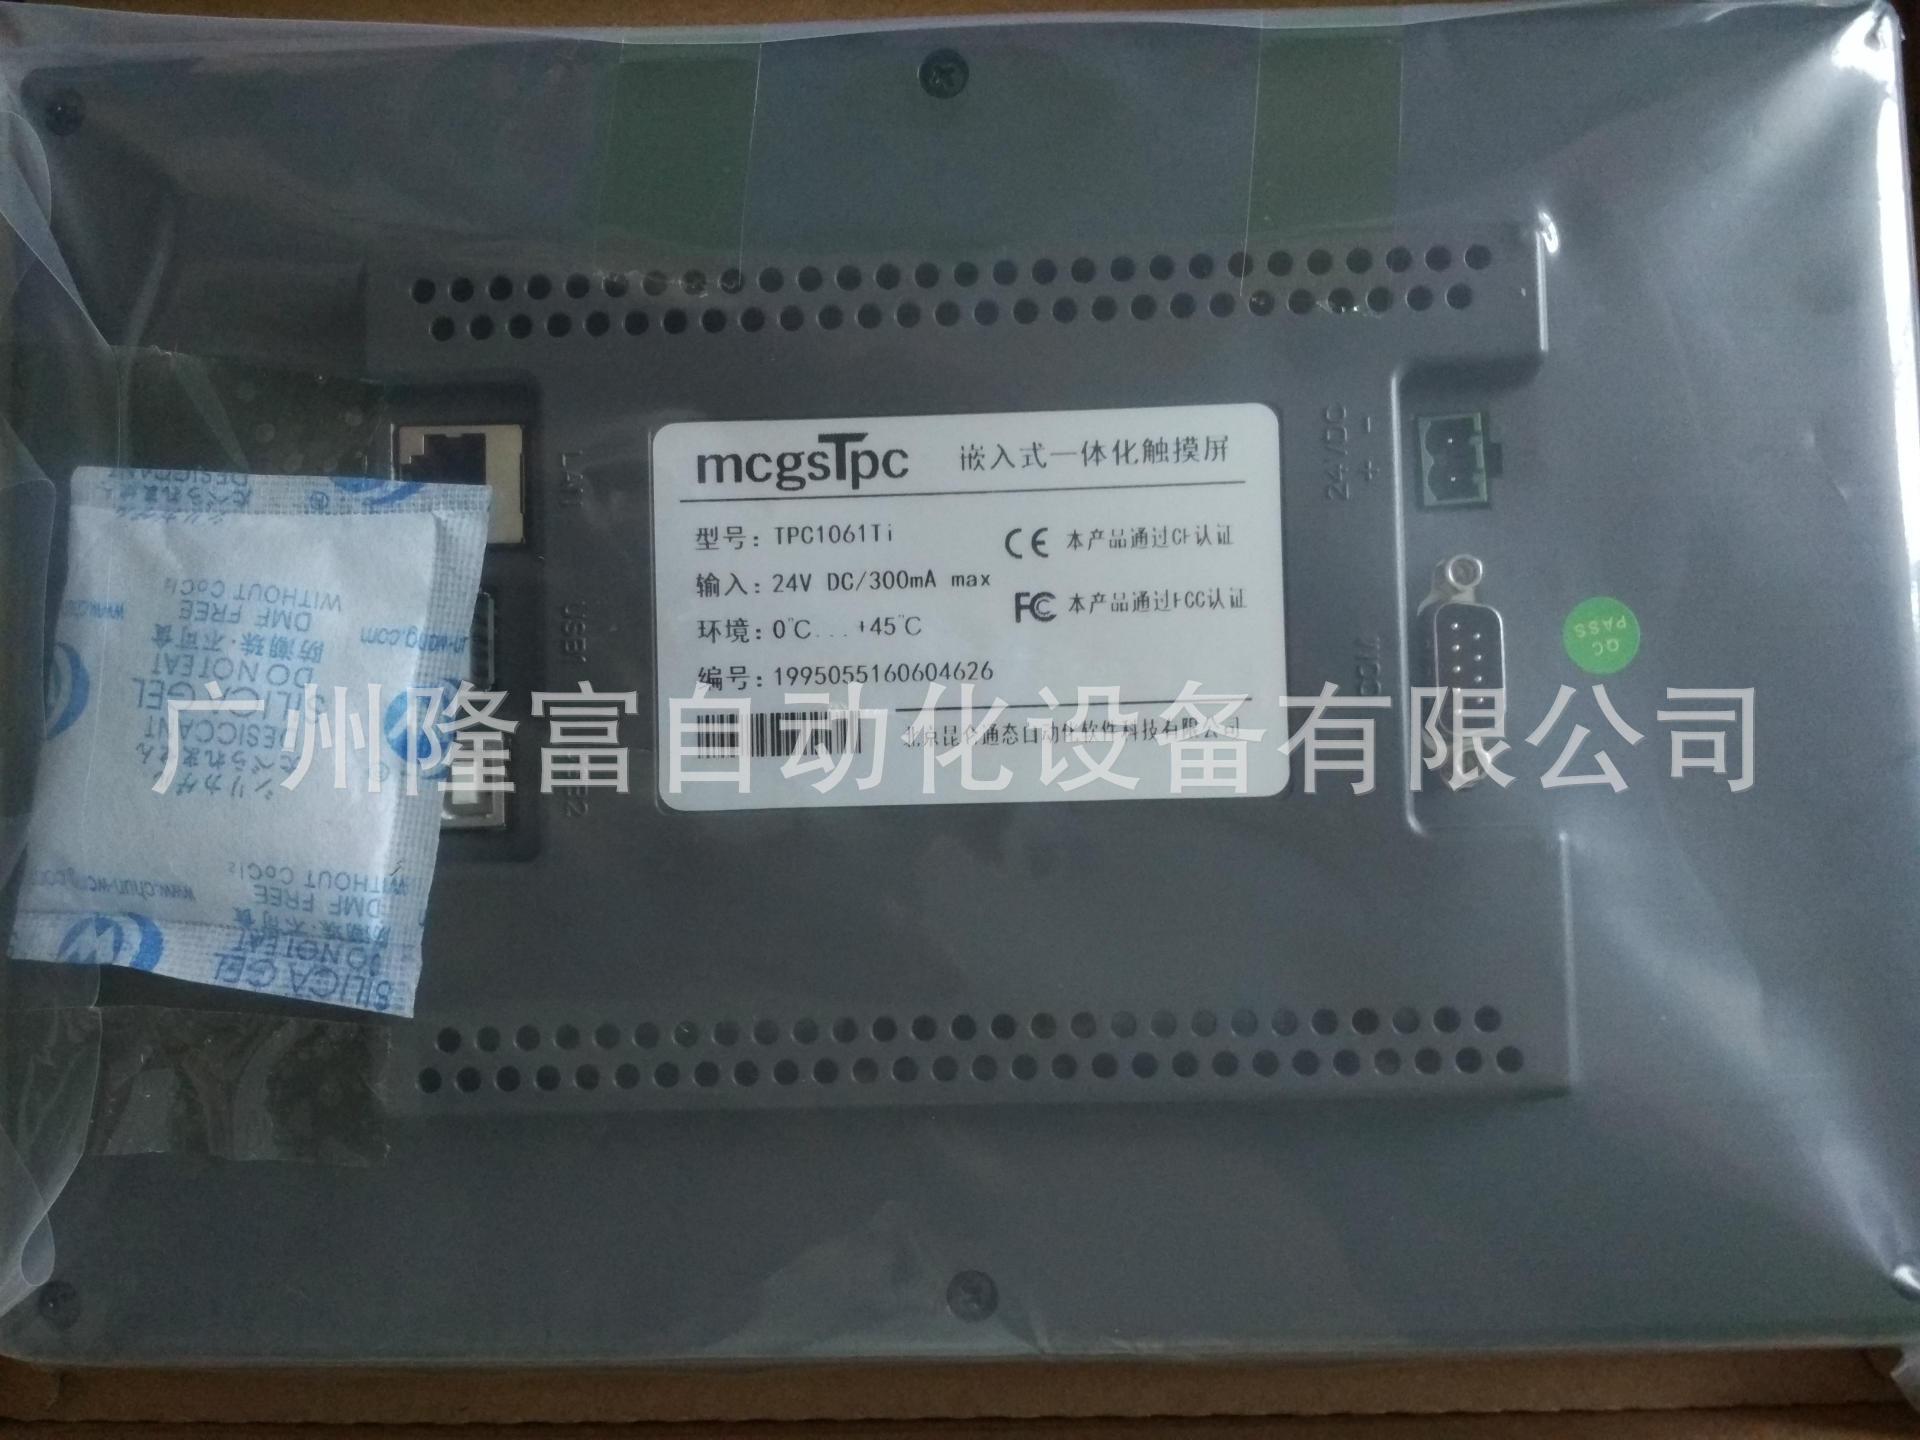 giao diện giữa người và máy ( HMI)  Côn Đảo chiều TPC1061TI chạm vào màn hình trạng diện người.